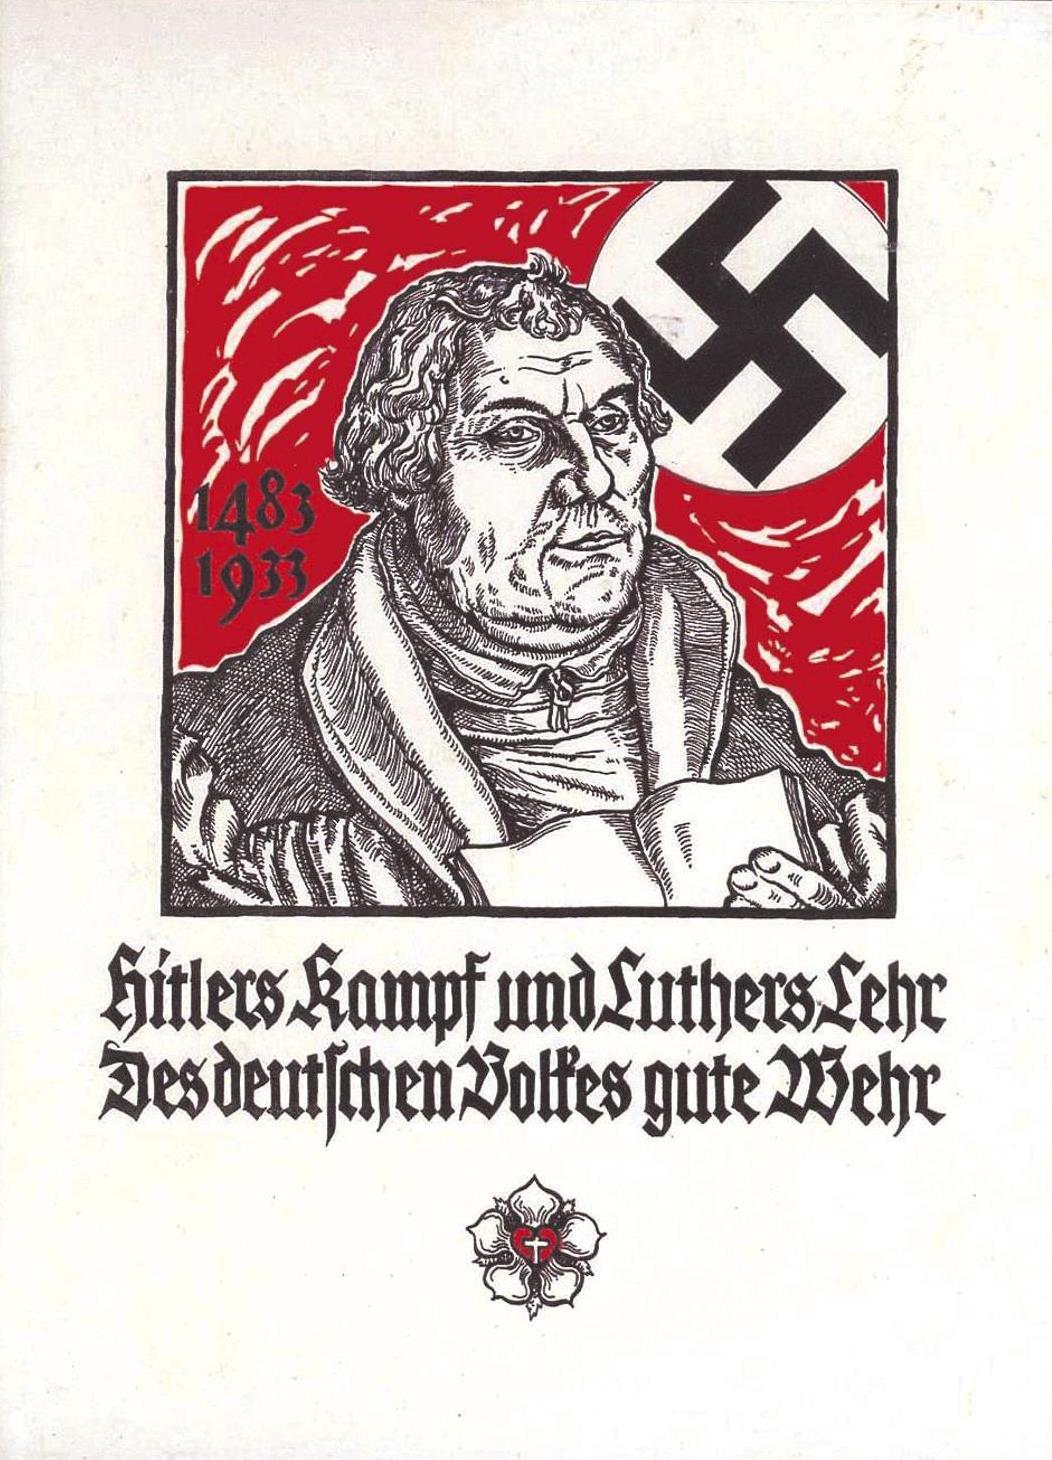 Plakat 1933 mit Hakenkreuz